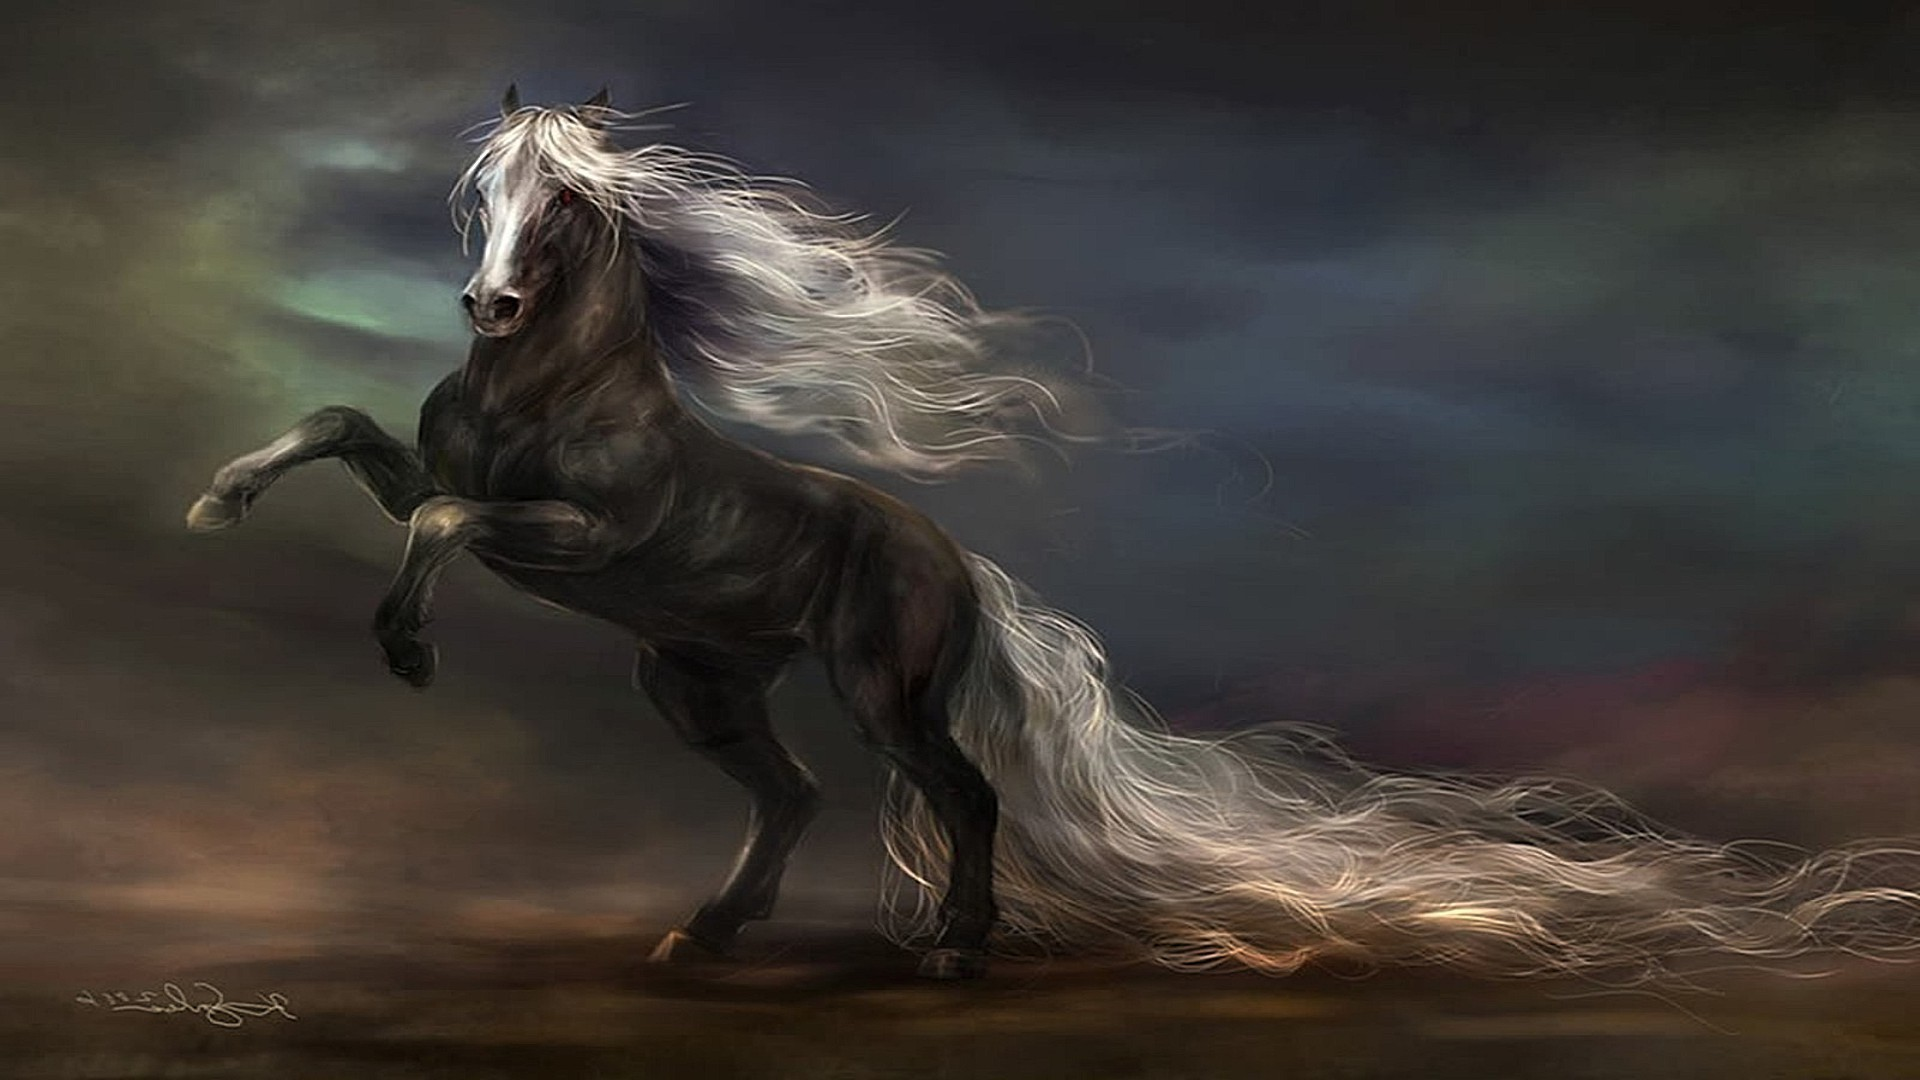 лошади обои на рабочий стол 1280х1024 № 489505  скачать